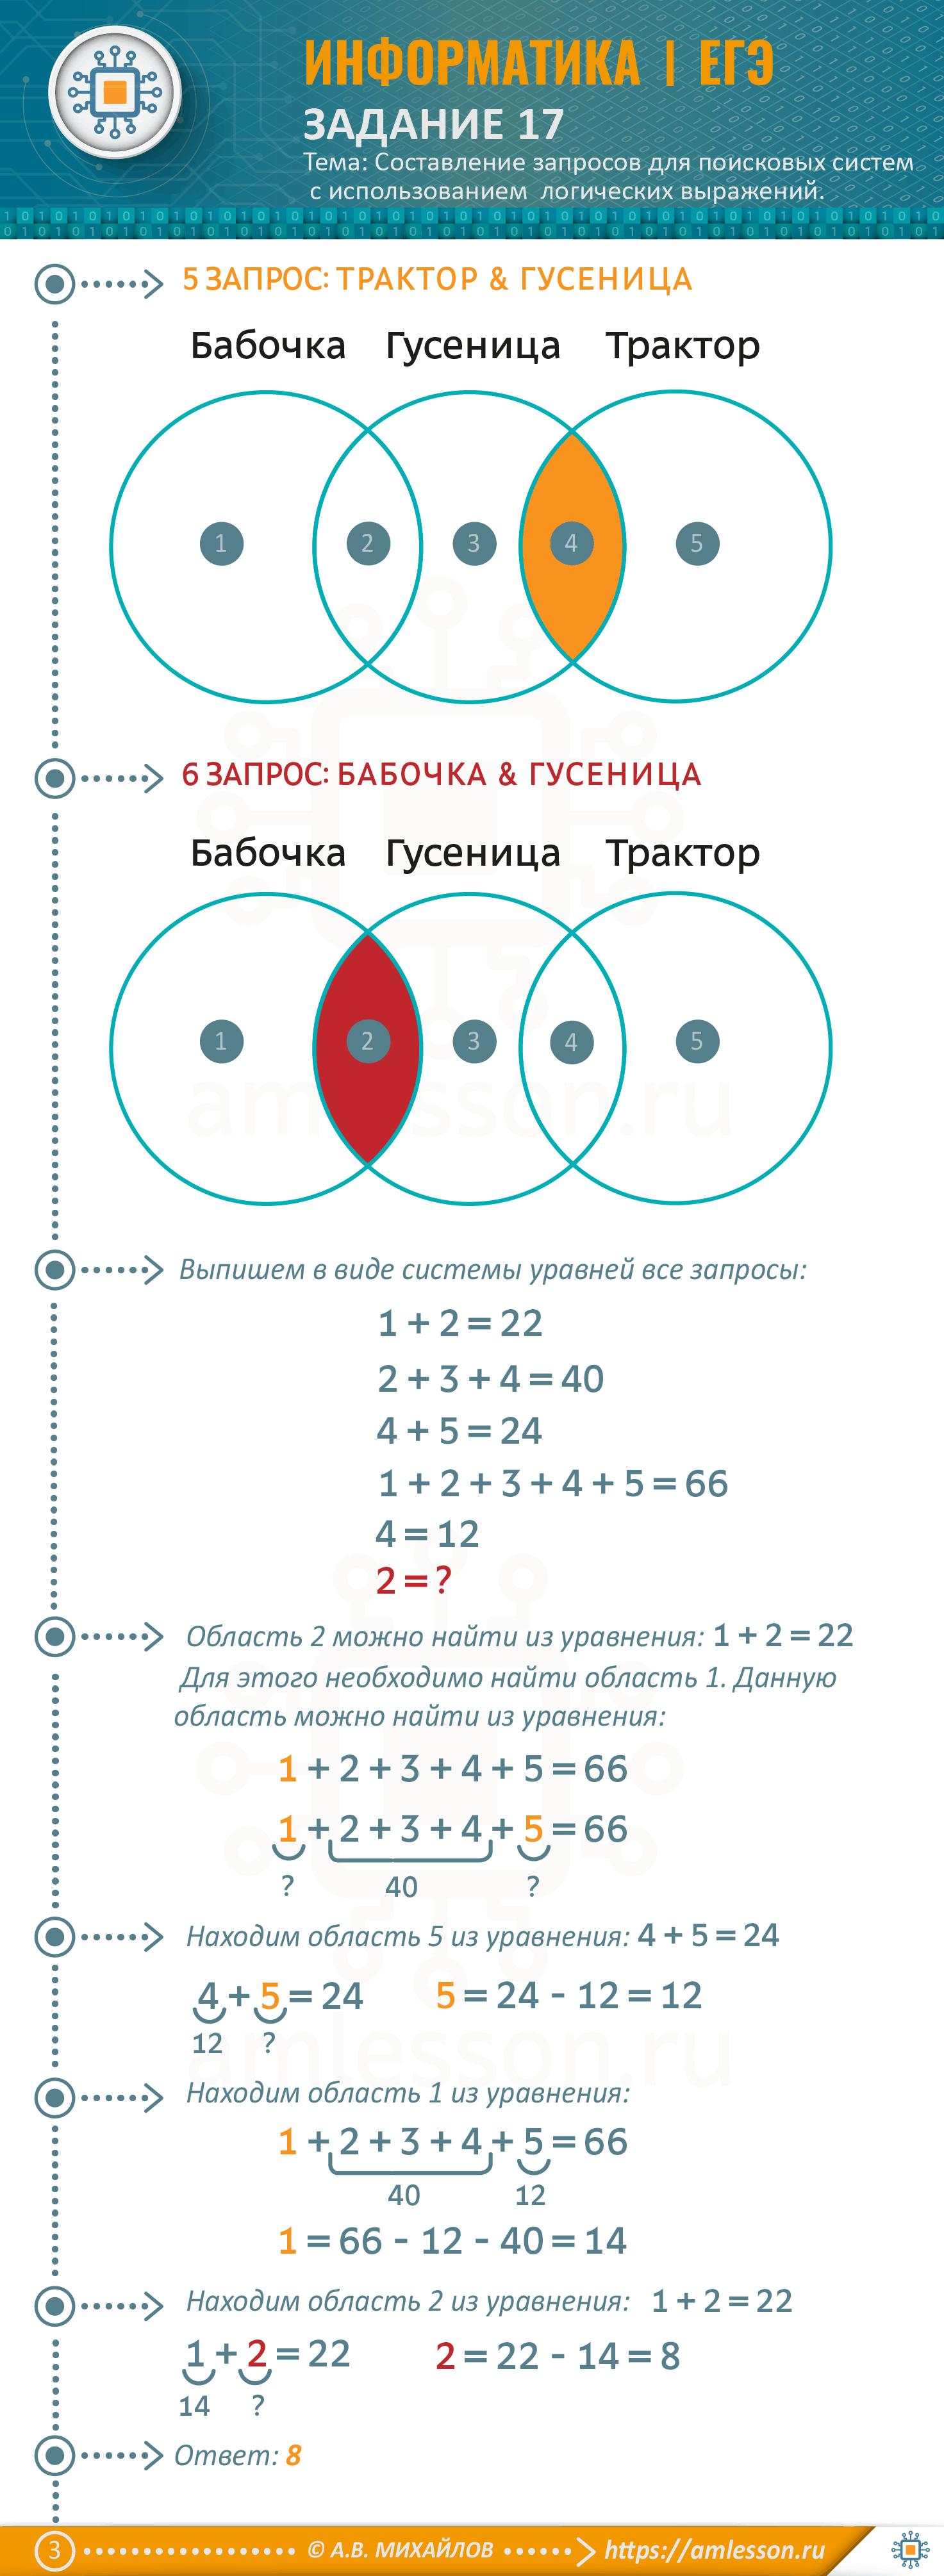 ЕГЭ по информатике задание 17